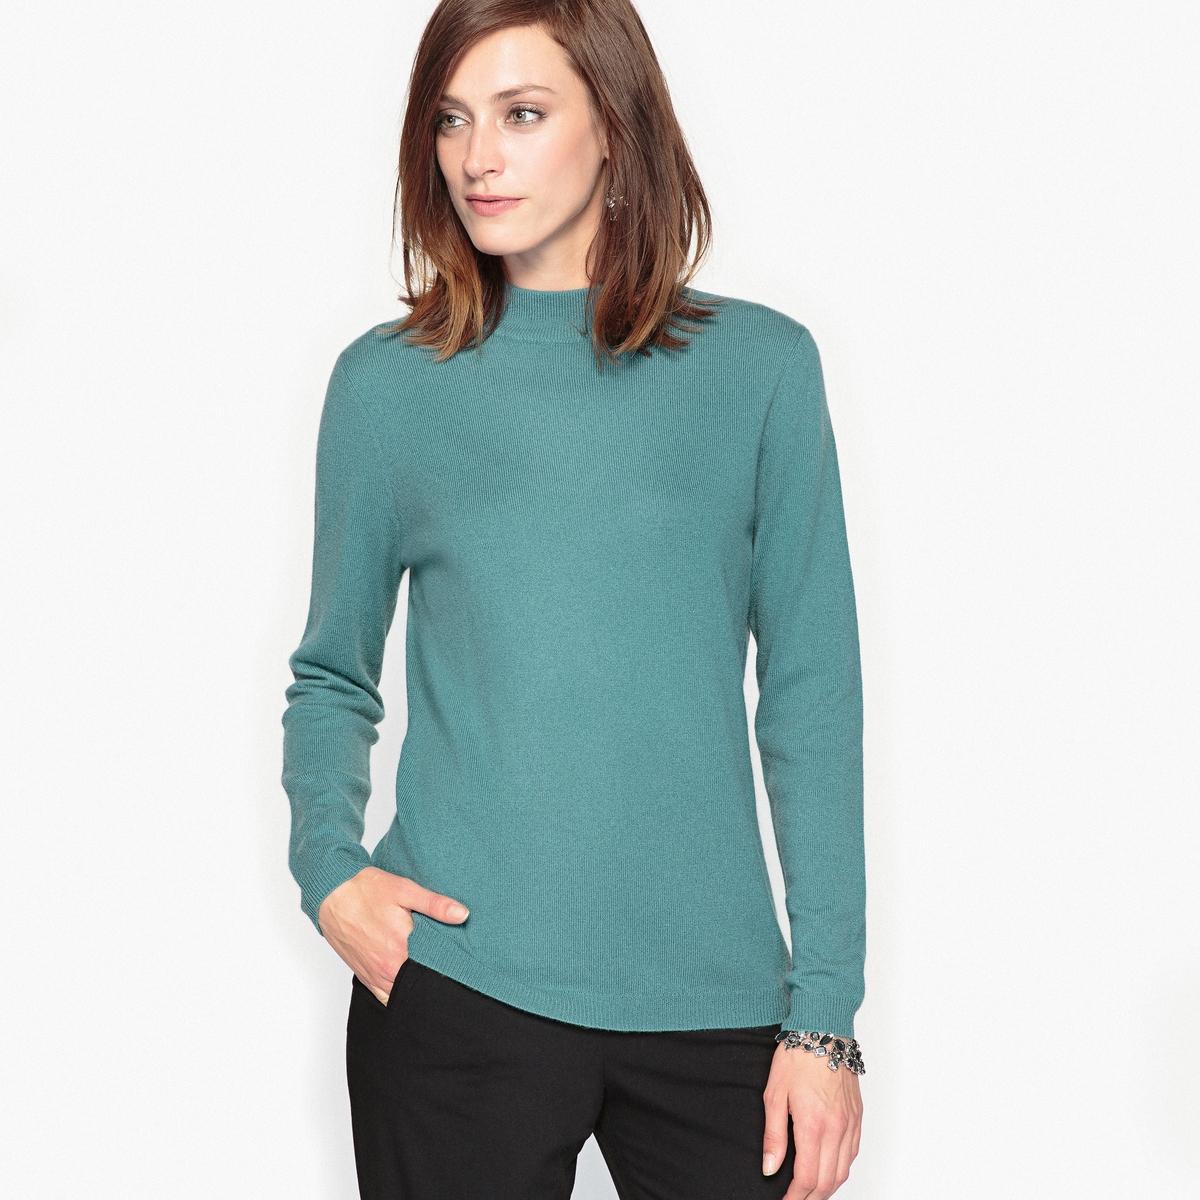 Пуловер из кашемира, воротник-стойка, тонкий трикотаж